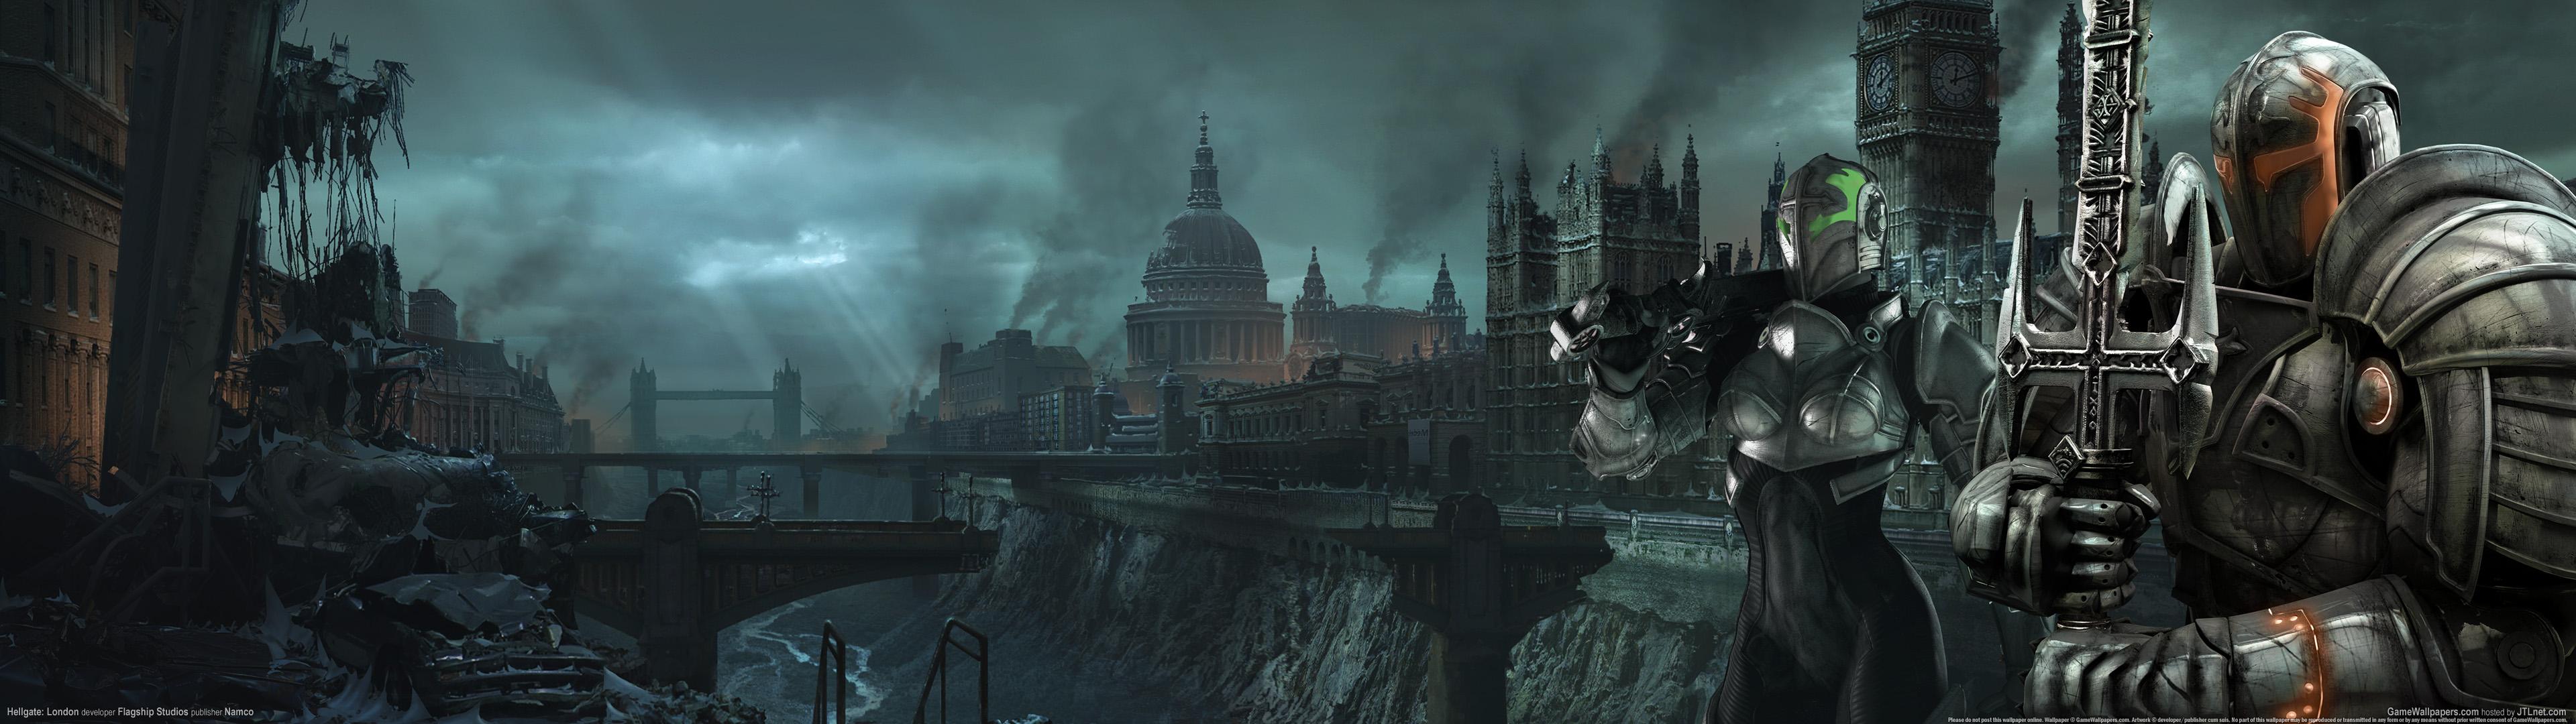 http://www.gamewallpapers.com/widescreen/wallpaper_hellgate_london_22_3840x1080.jpg